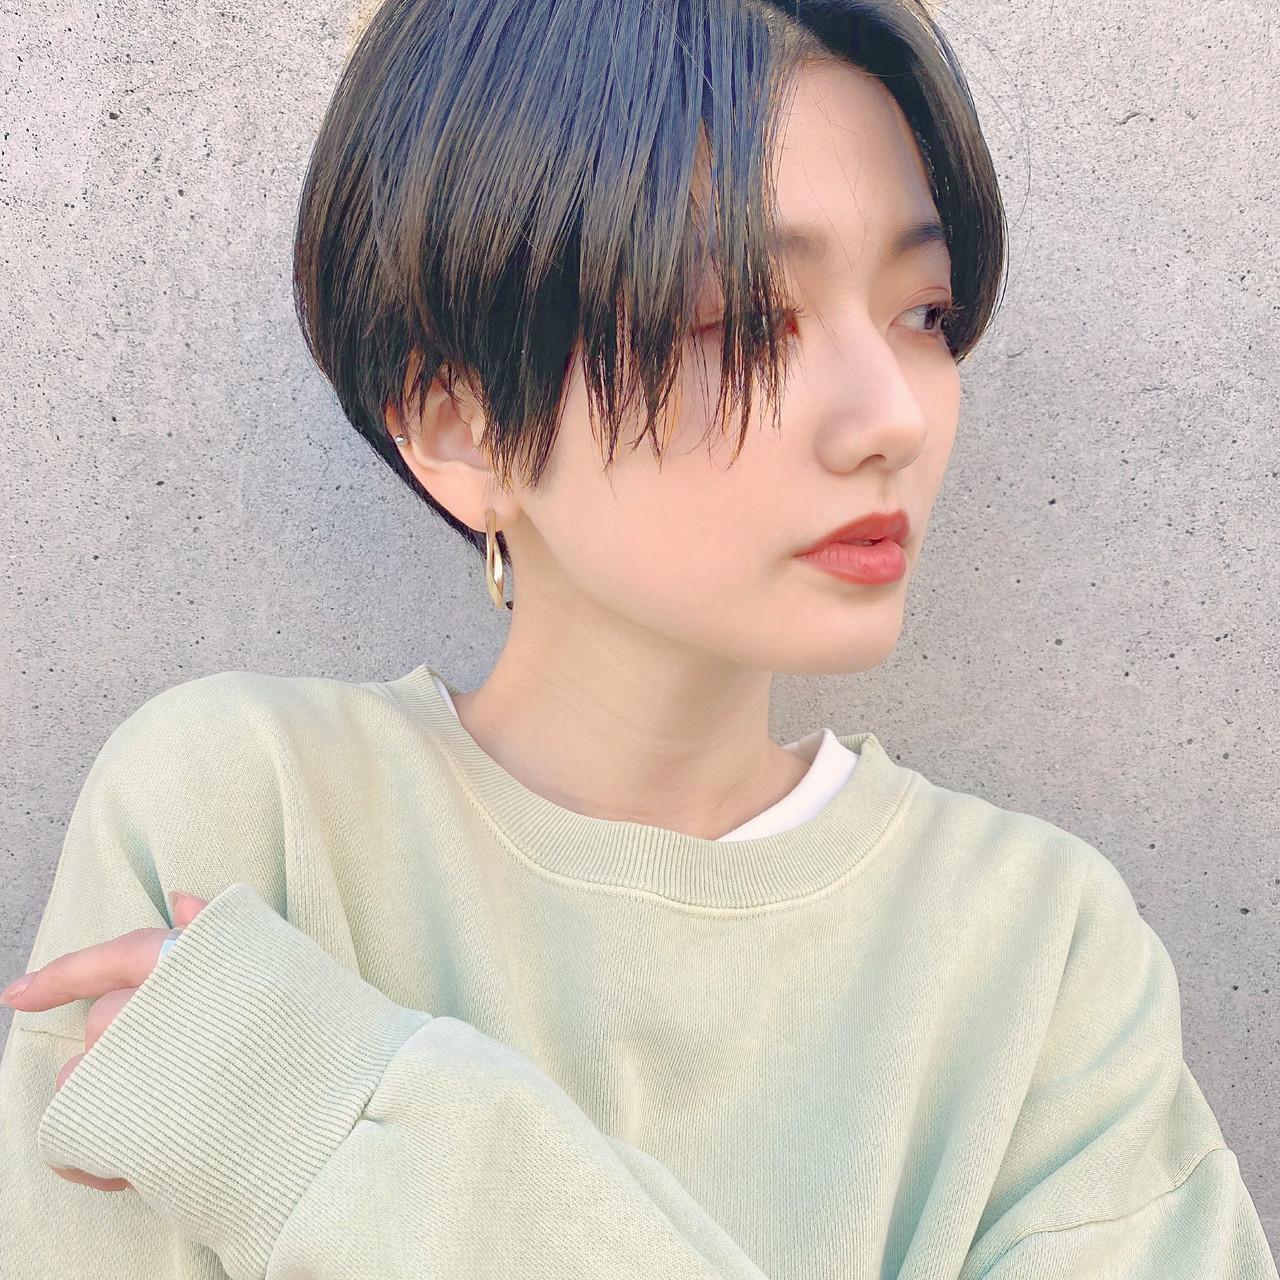 マッシュショート ショートヘア ハンサムショート ナチュラル ヘアスタイルや髪型の写真・画像